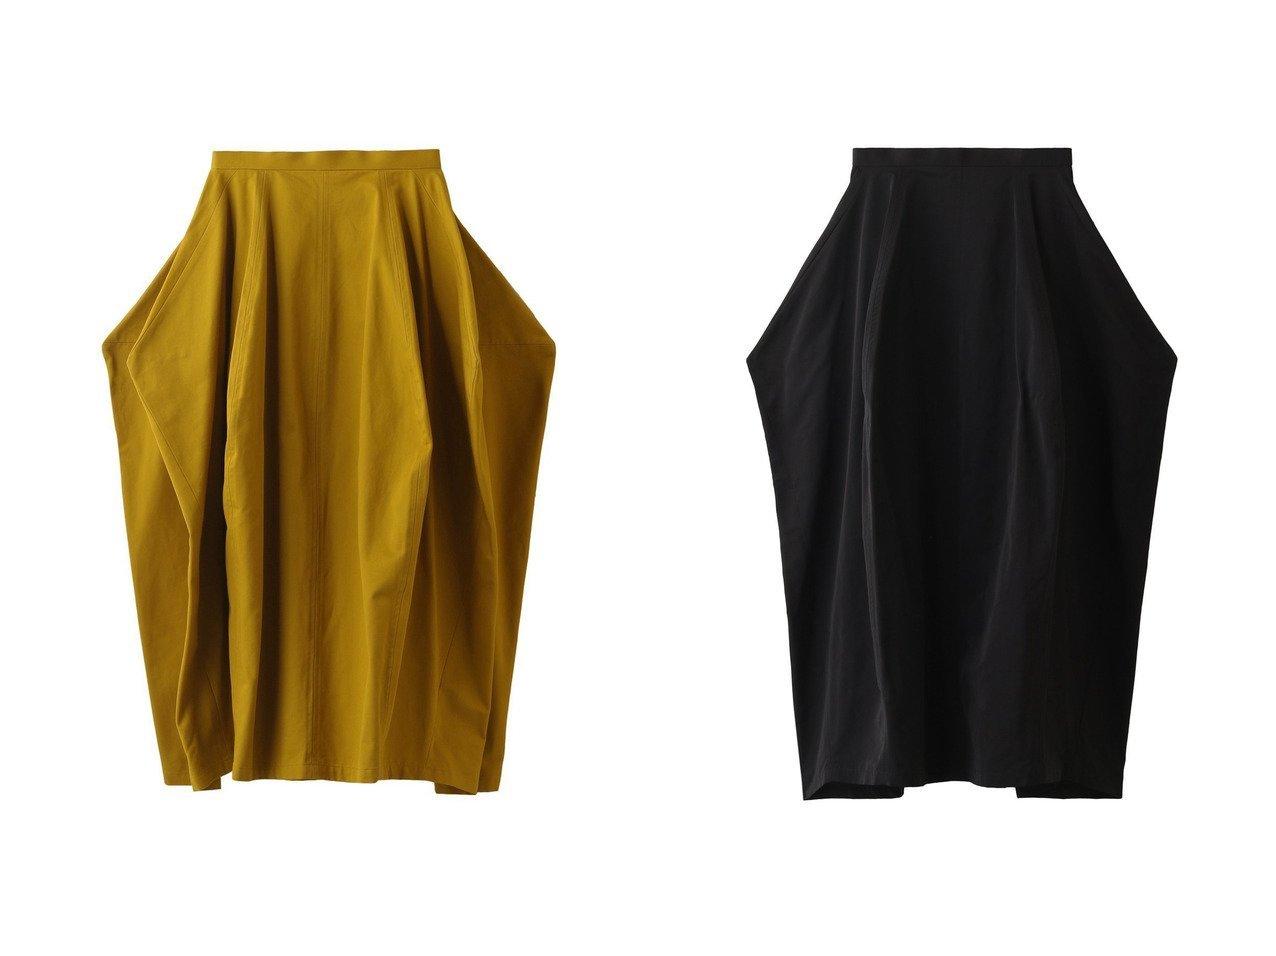 【nagonstans/ナゴンスタンス】のチノクロス Cube スカート&メモリーグログラン Cube スカート スカートのおすすめ!人気、トレンド・レディースファッションの通販 おすすめで人気の流行・トレンド、ファッションの通販商品 メンズファッション・キッズファッション・インテリア・家具・レディースファッション・服の通販 founy(ファニー) https://founy.com/ ファッション Fashion レディースファッション WOMEN スカート Skirt ロングスカート Long Skirt 2021年 2021 2021 春夏 S/S SS Spring/Summer 2021 S/S 春夏 SS Spring/Summer イレギュラー ドレープ ロング 春 Spring |ID:crp329100000023894